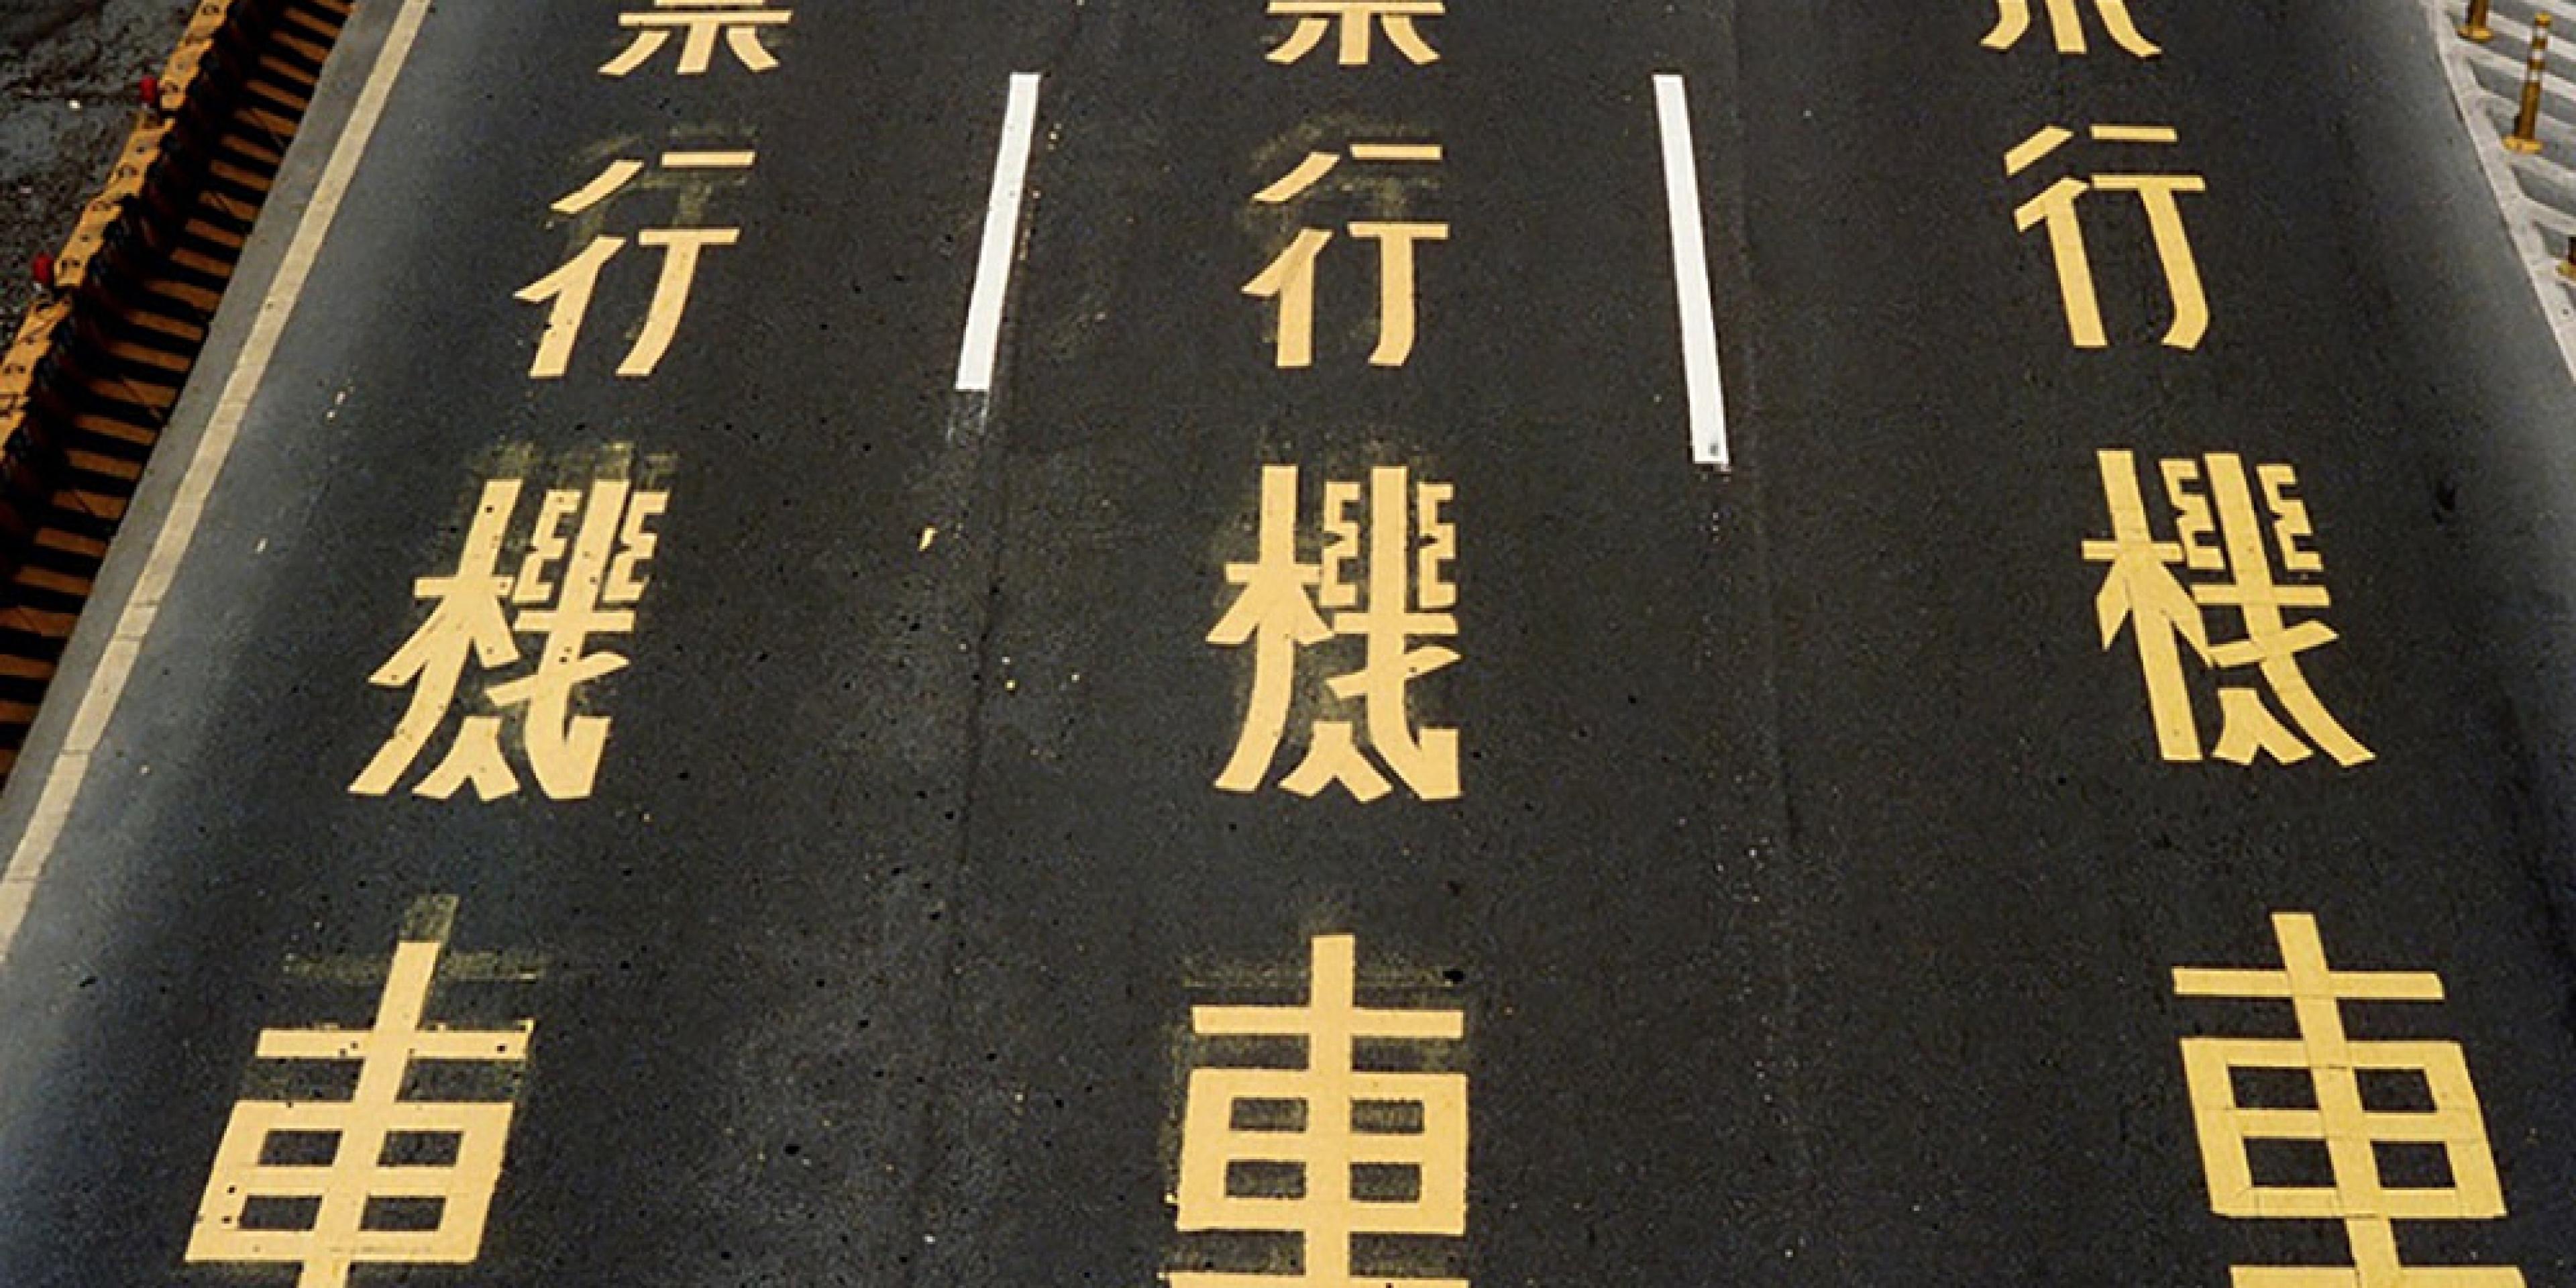 台灣為什麼叫鬼島?機車族的心酸告白